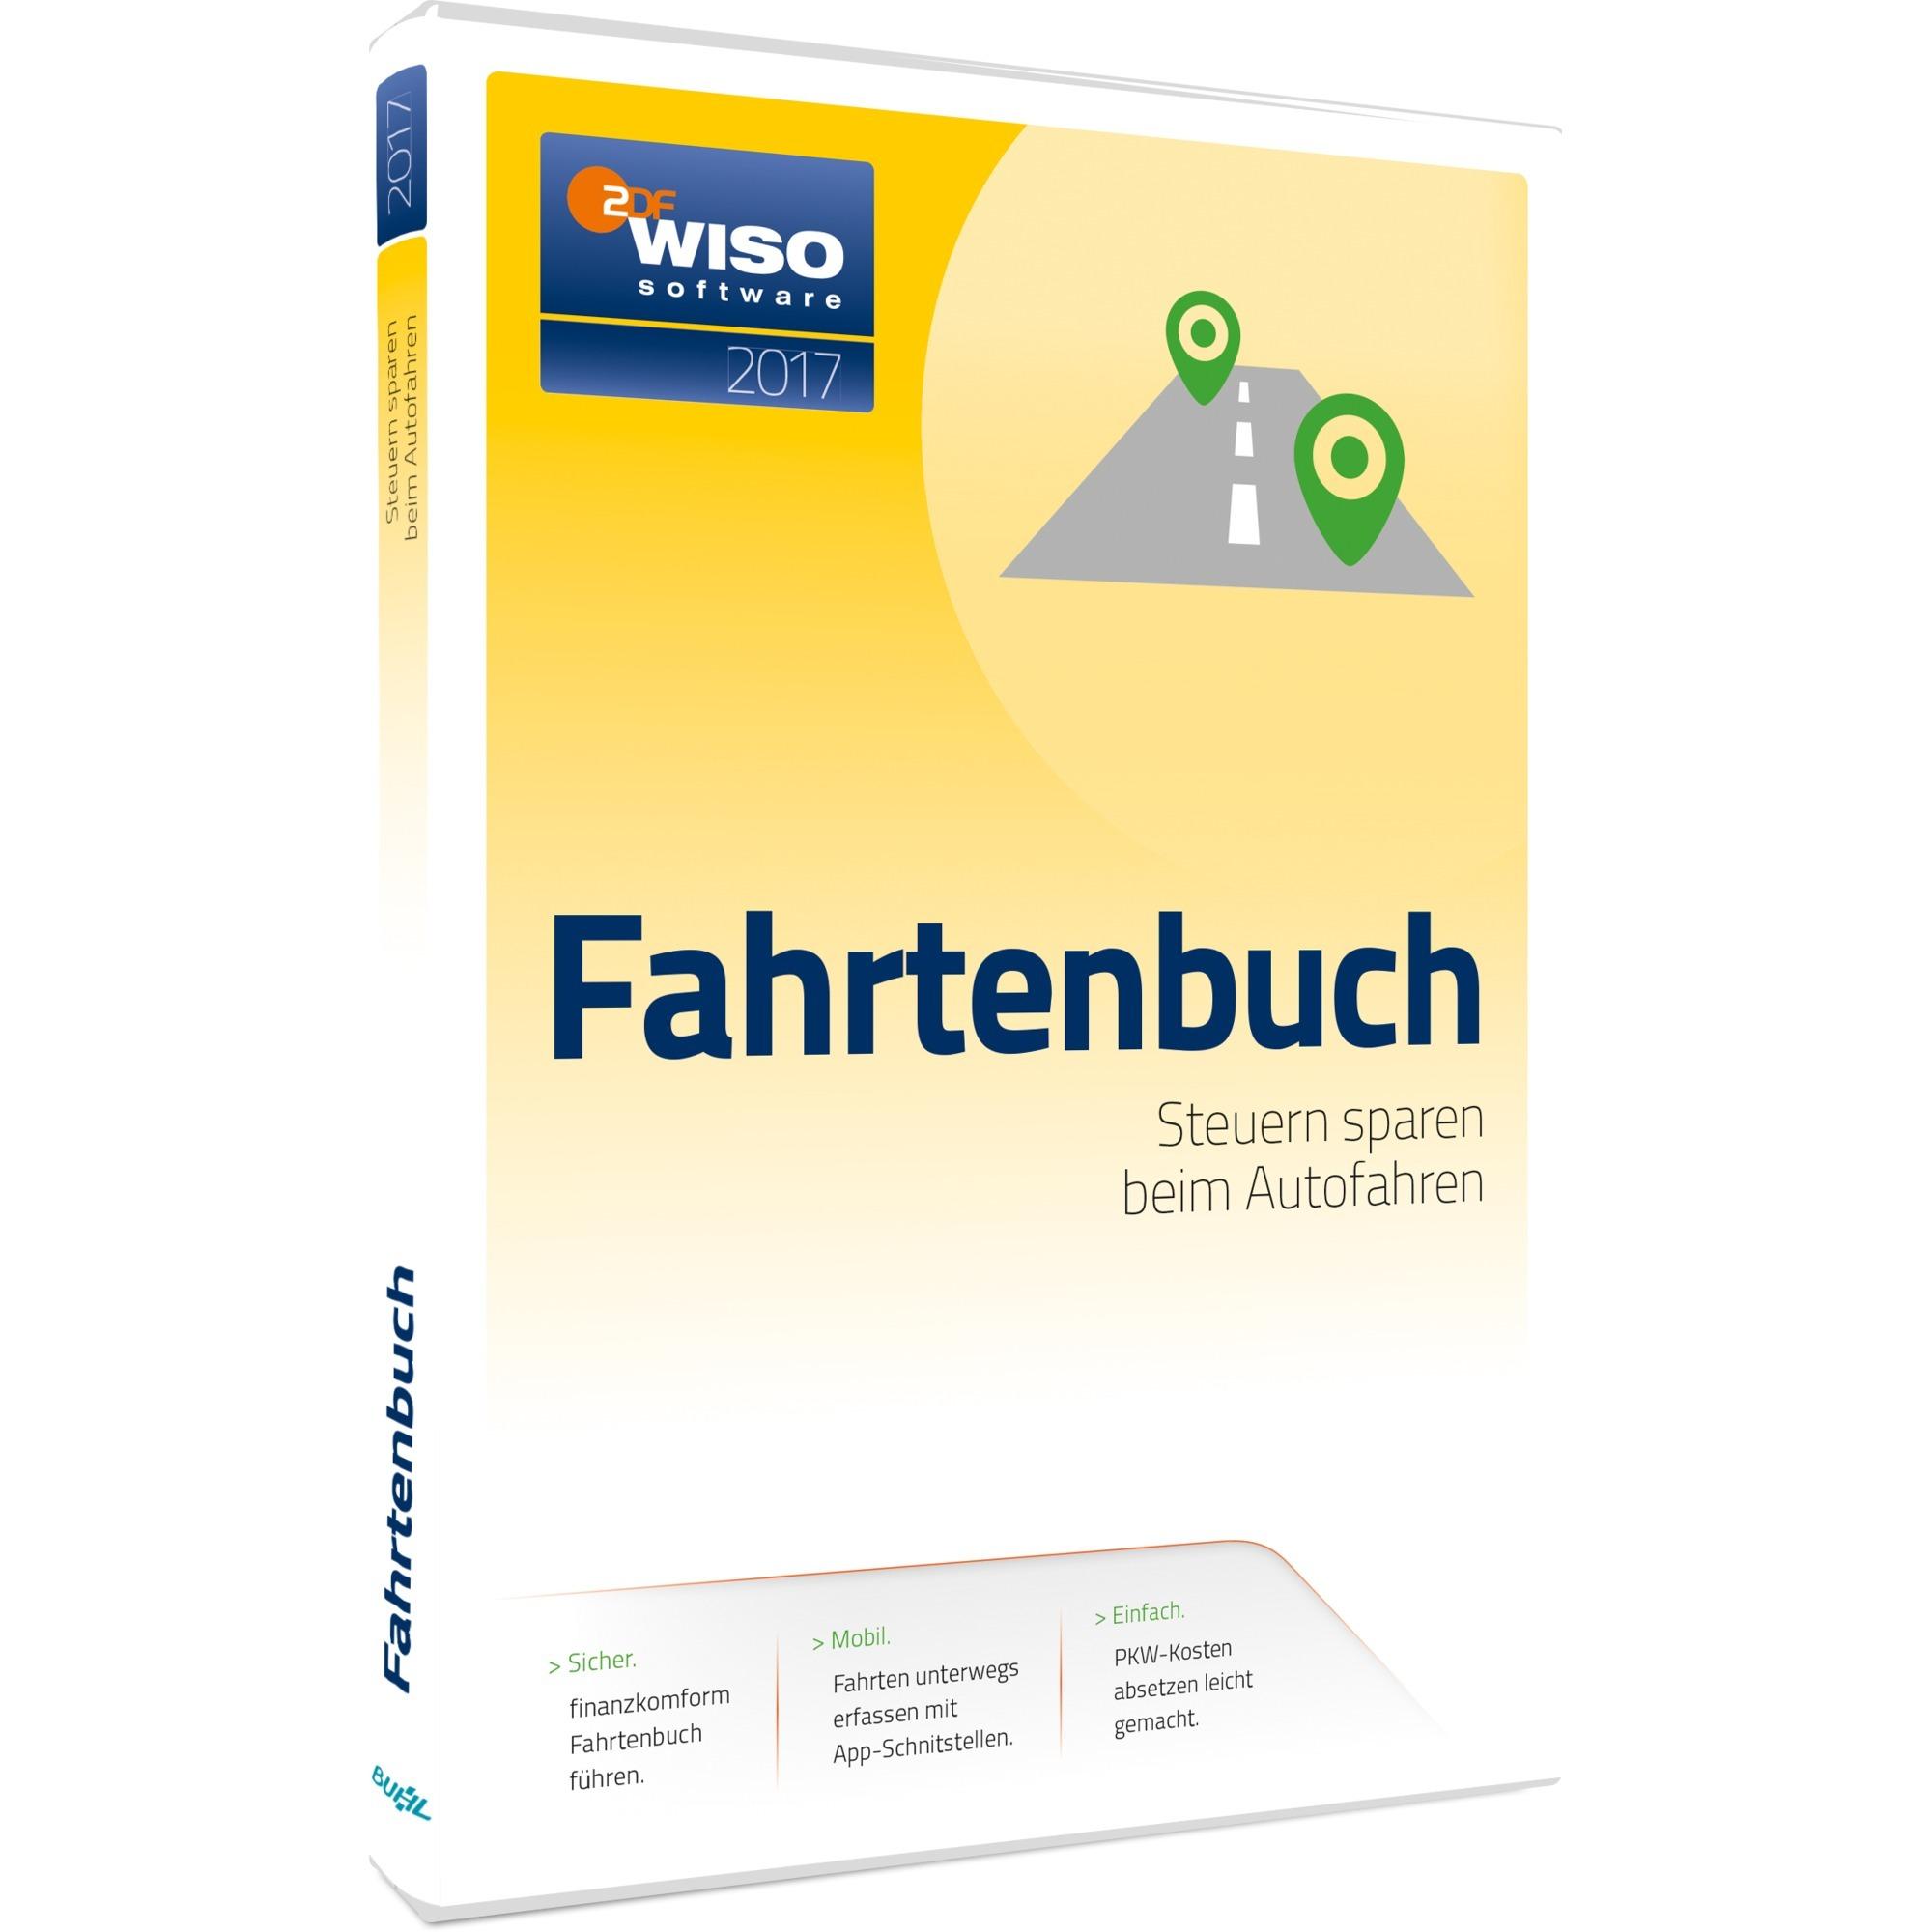 Buhl Data WISO Fahrtenbuch 2017 (PC Win) DE (Download) - broschei